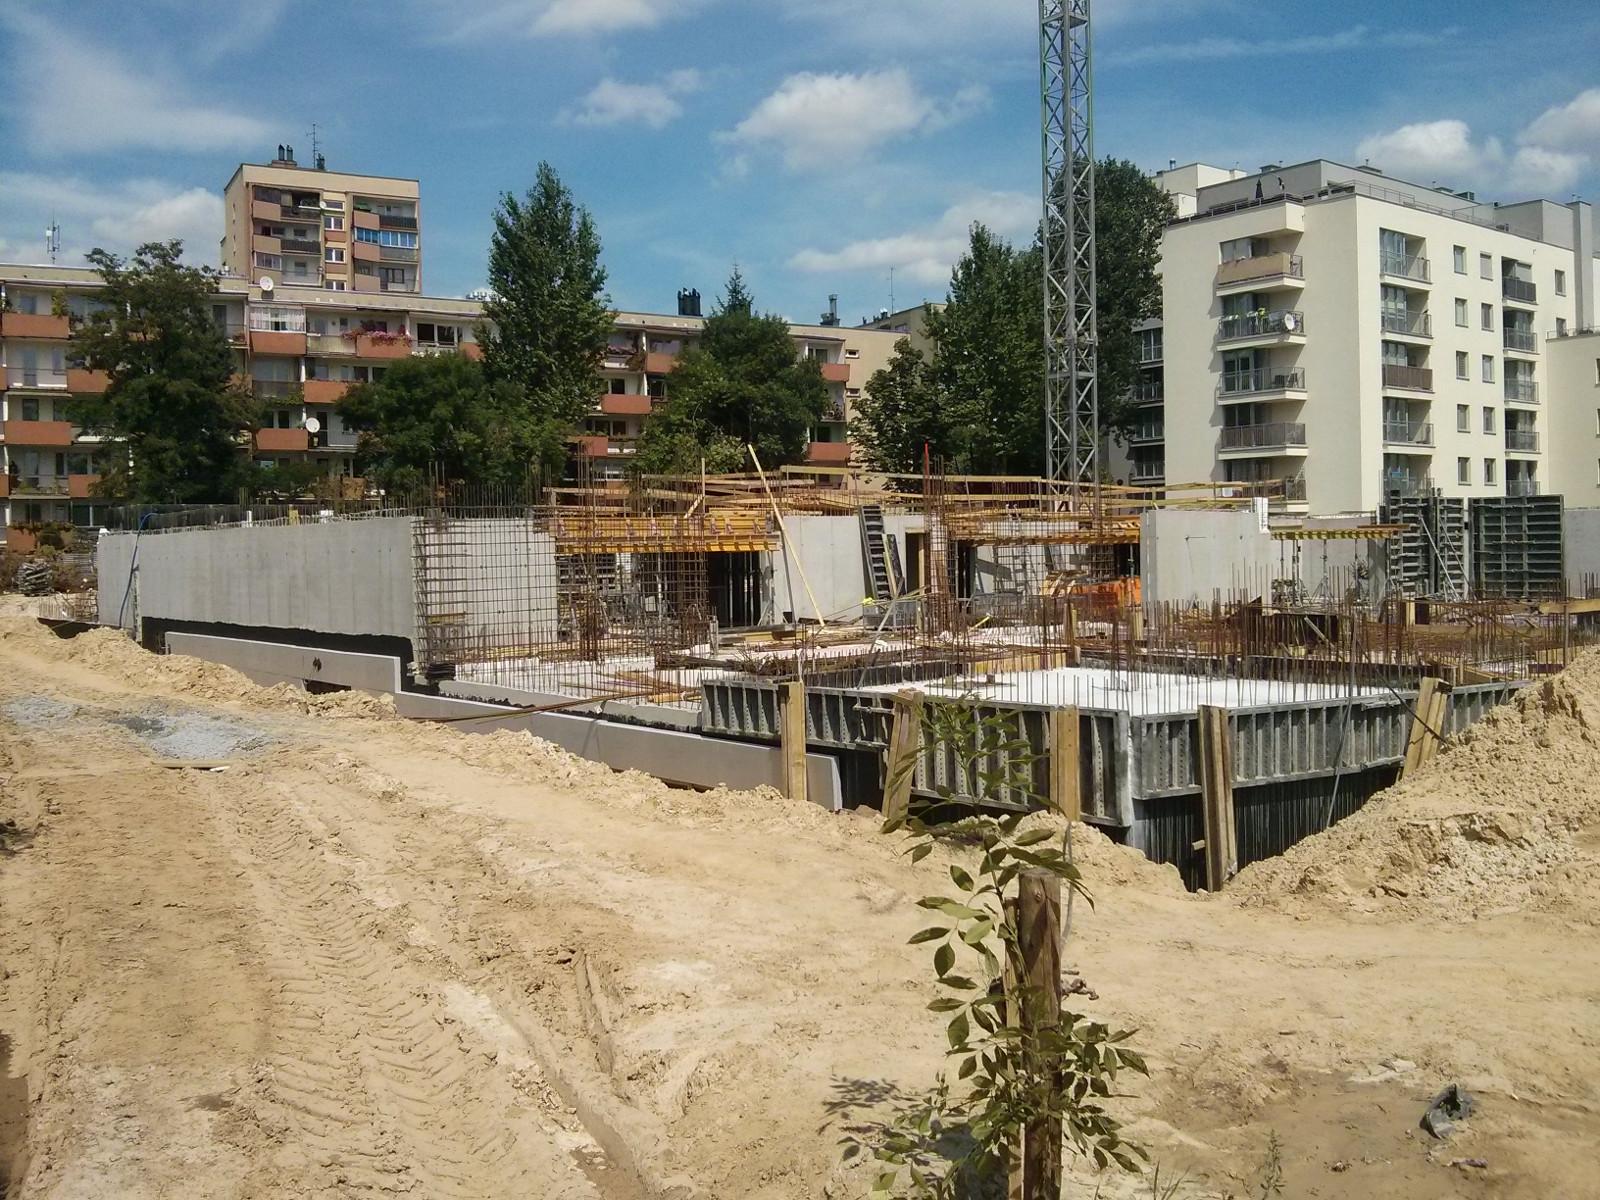 Nowe mieszkania w Czyżynach przy ul. Hynka od SM Czyżyny